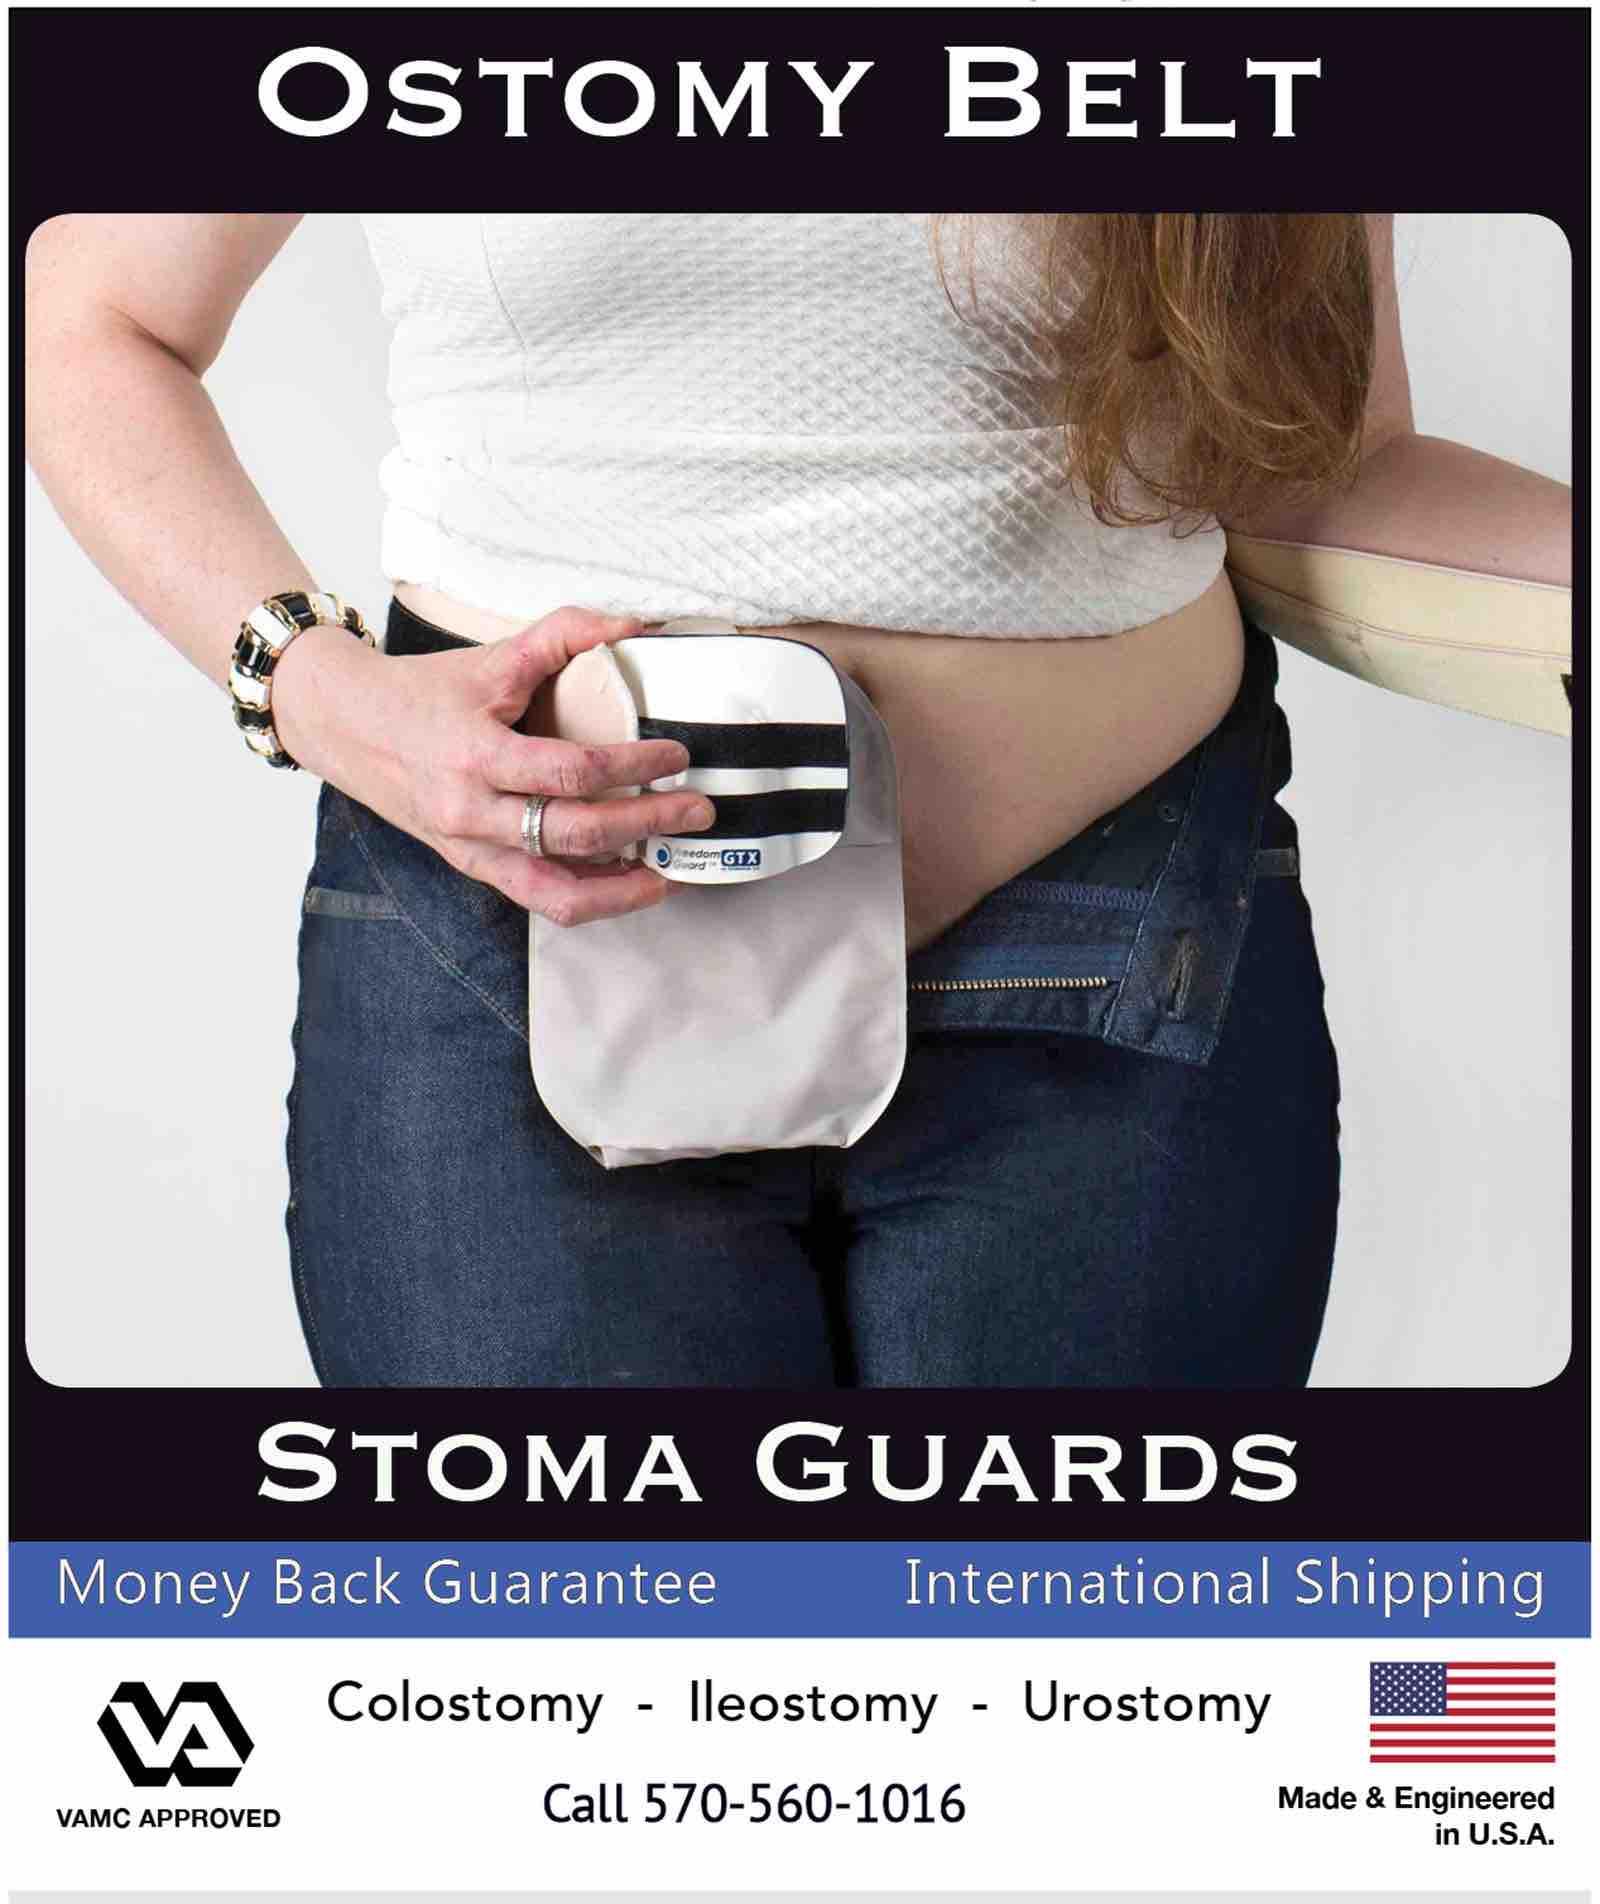 Ostomy Belt Stoma Guard Stomaplex